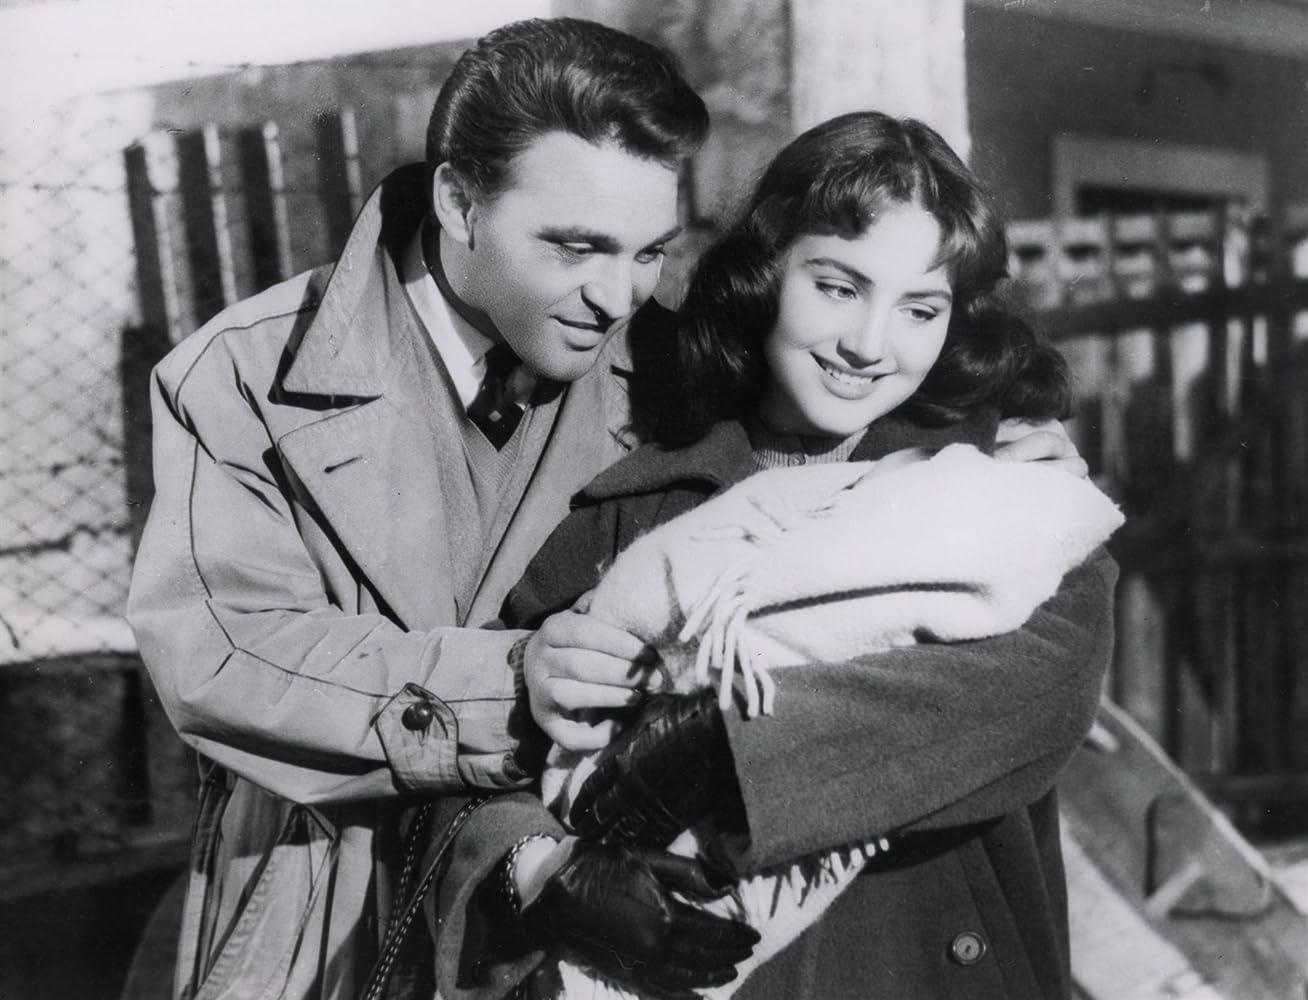 Franco Fabrizi and Leonora Ruffo in I vitelloni (1953)